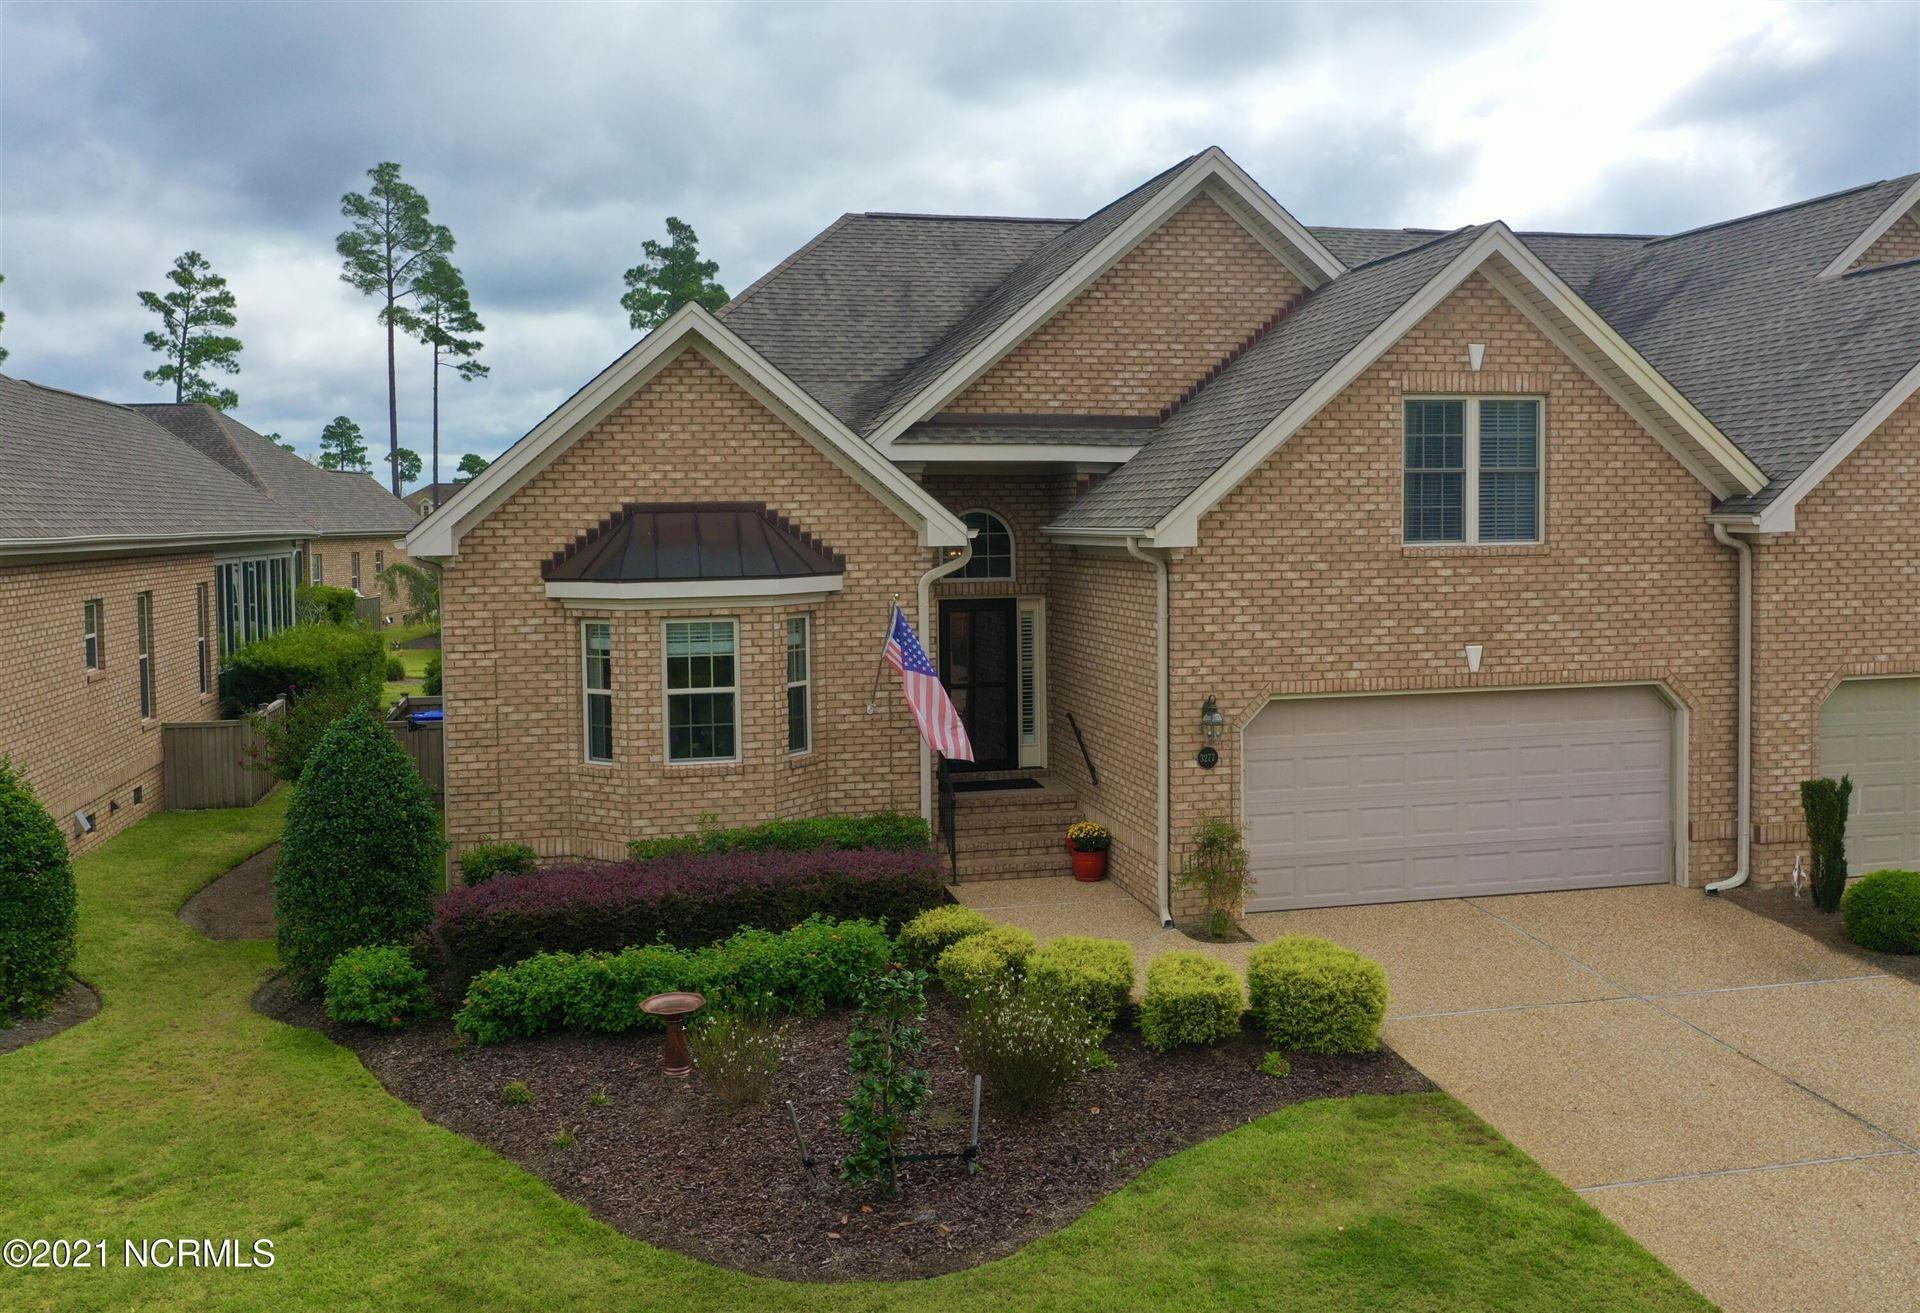 Photo of 3277 Gardenwood Drive, Leland, NC 28451 (MLS # 100292628)